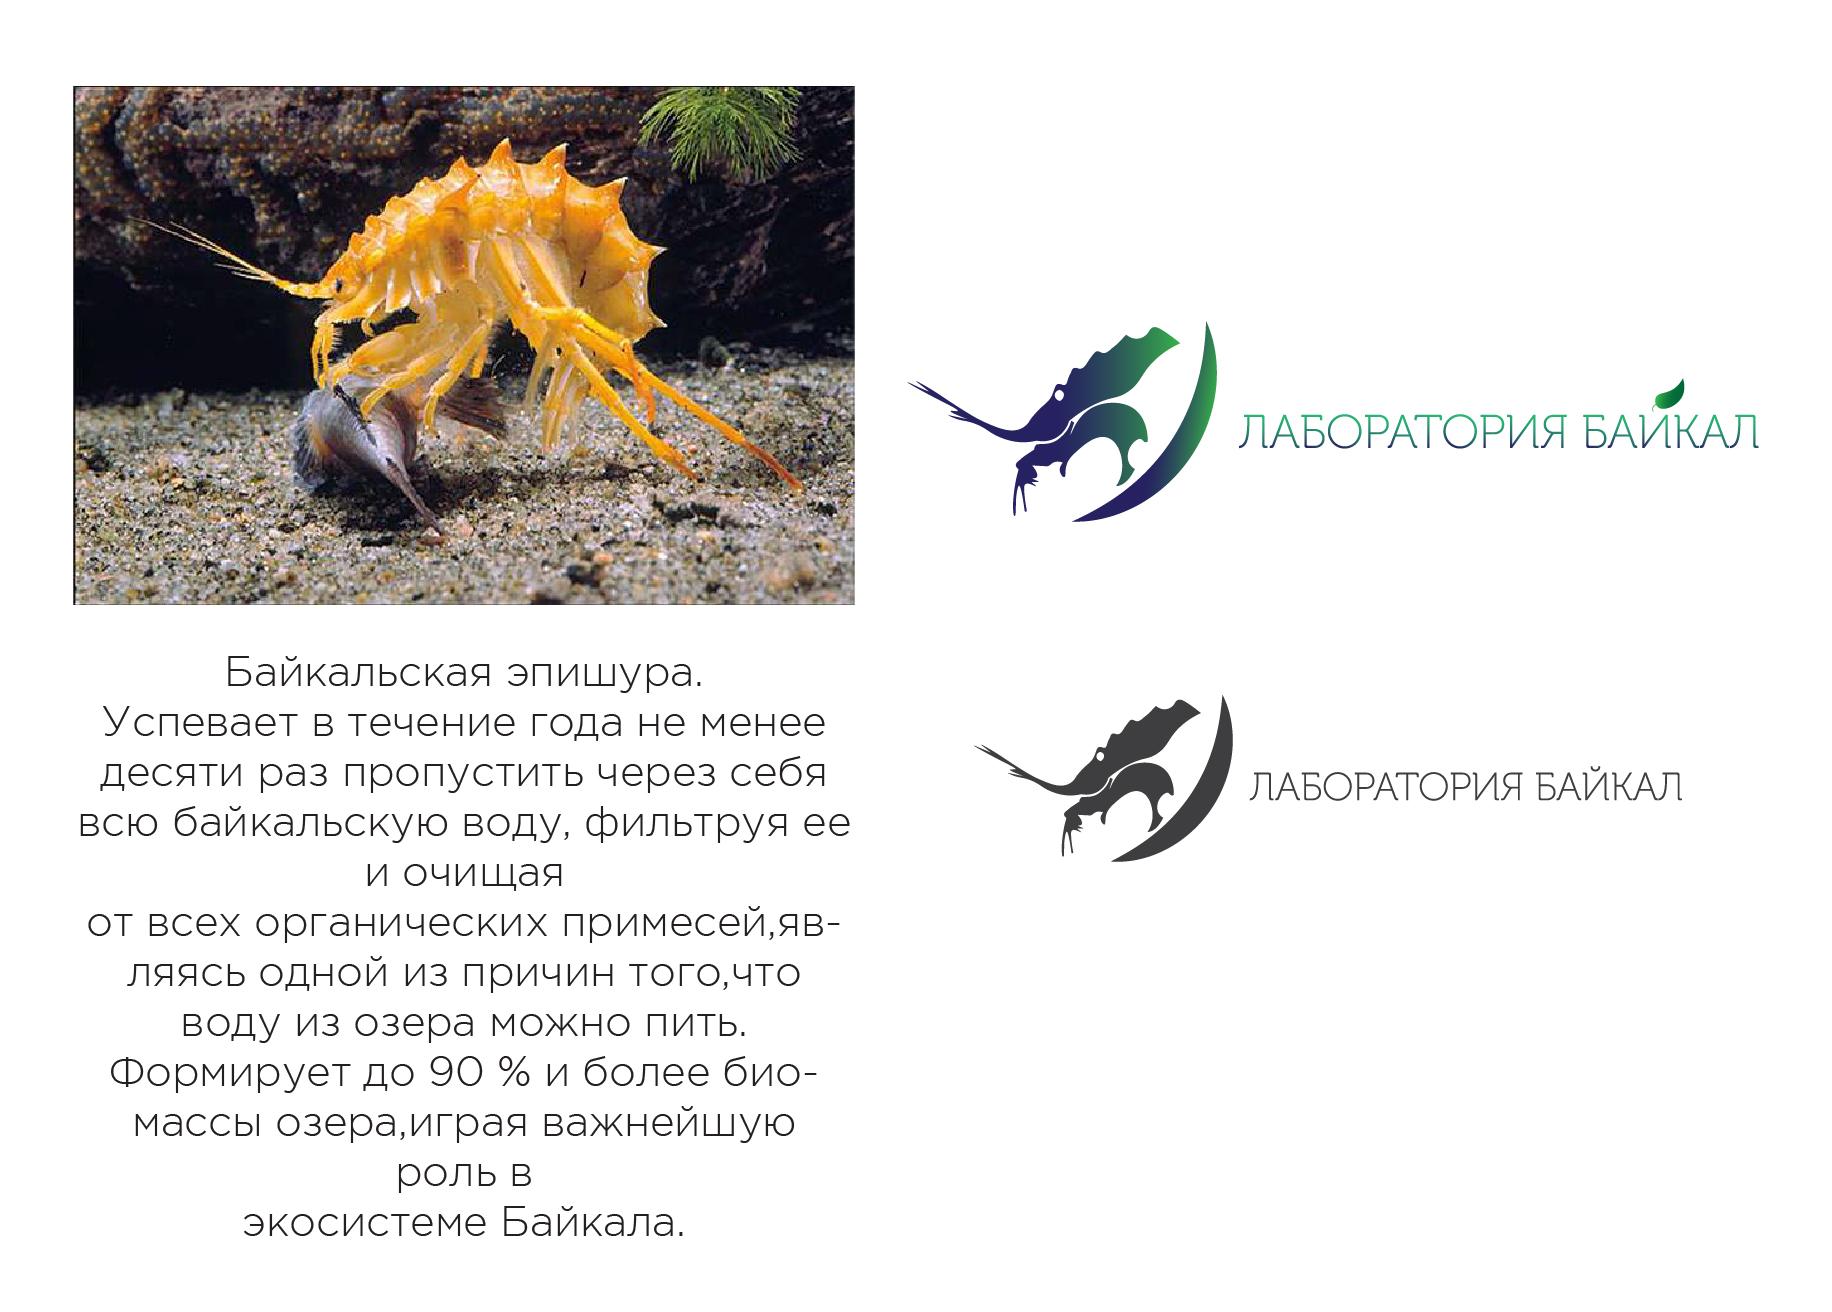 Разработка логотипа торговой марки фото f_41359720fde269de.jpg